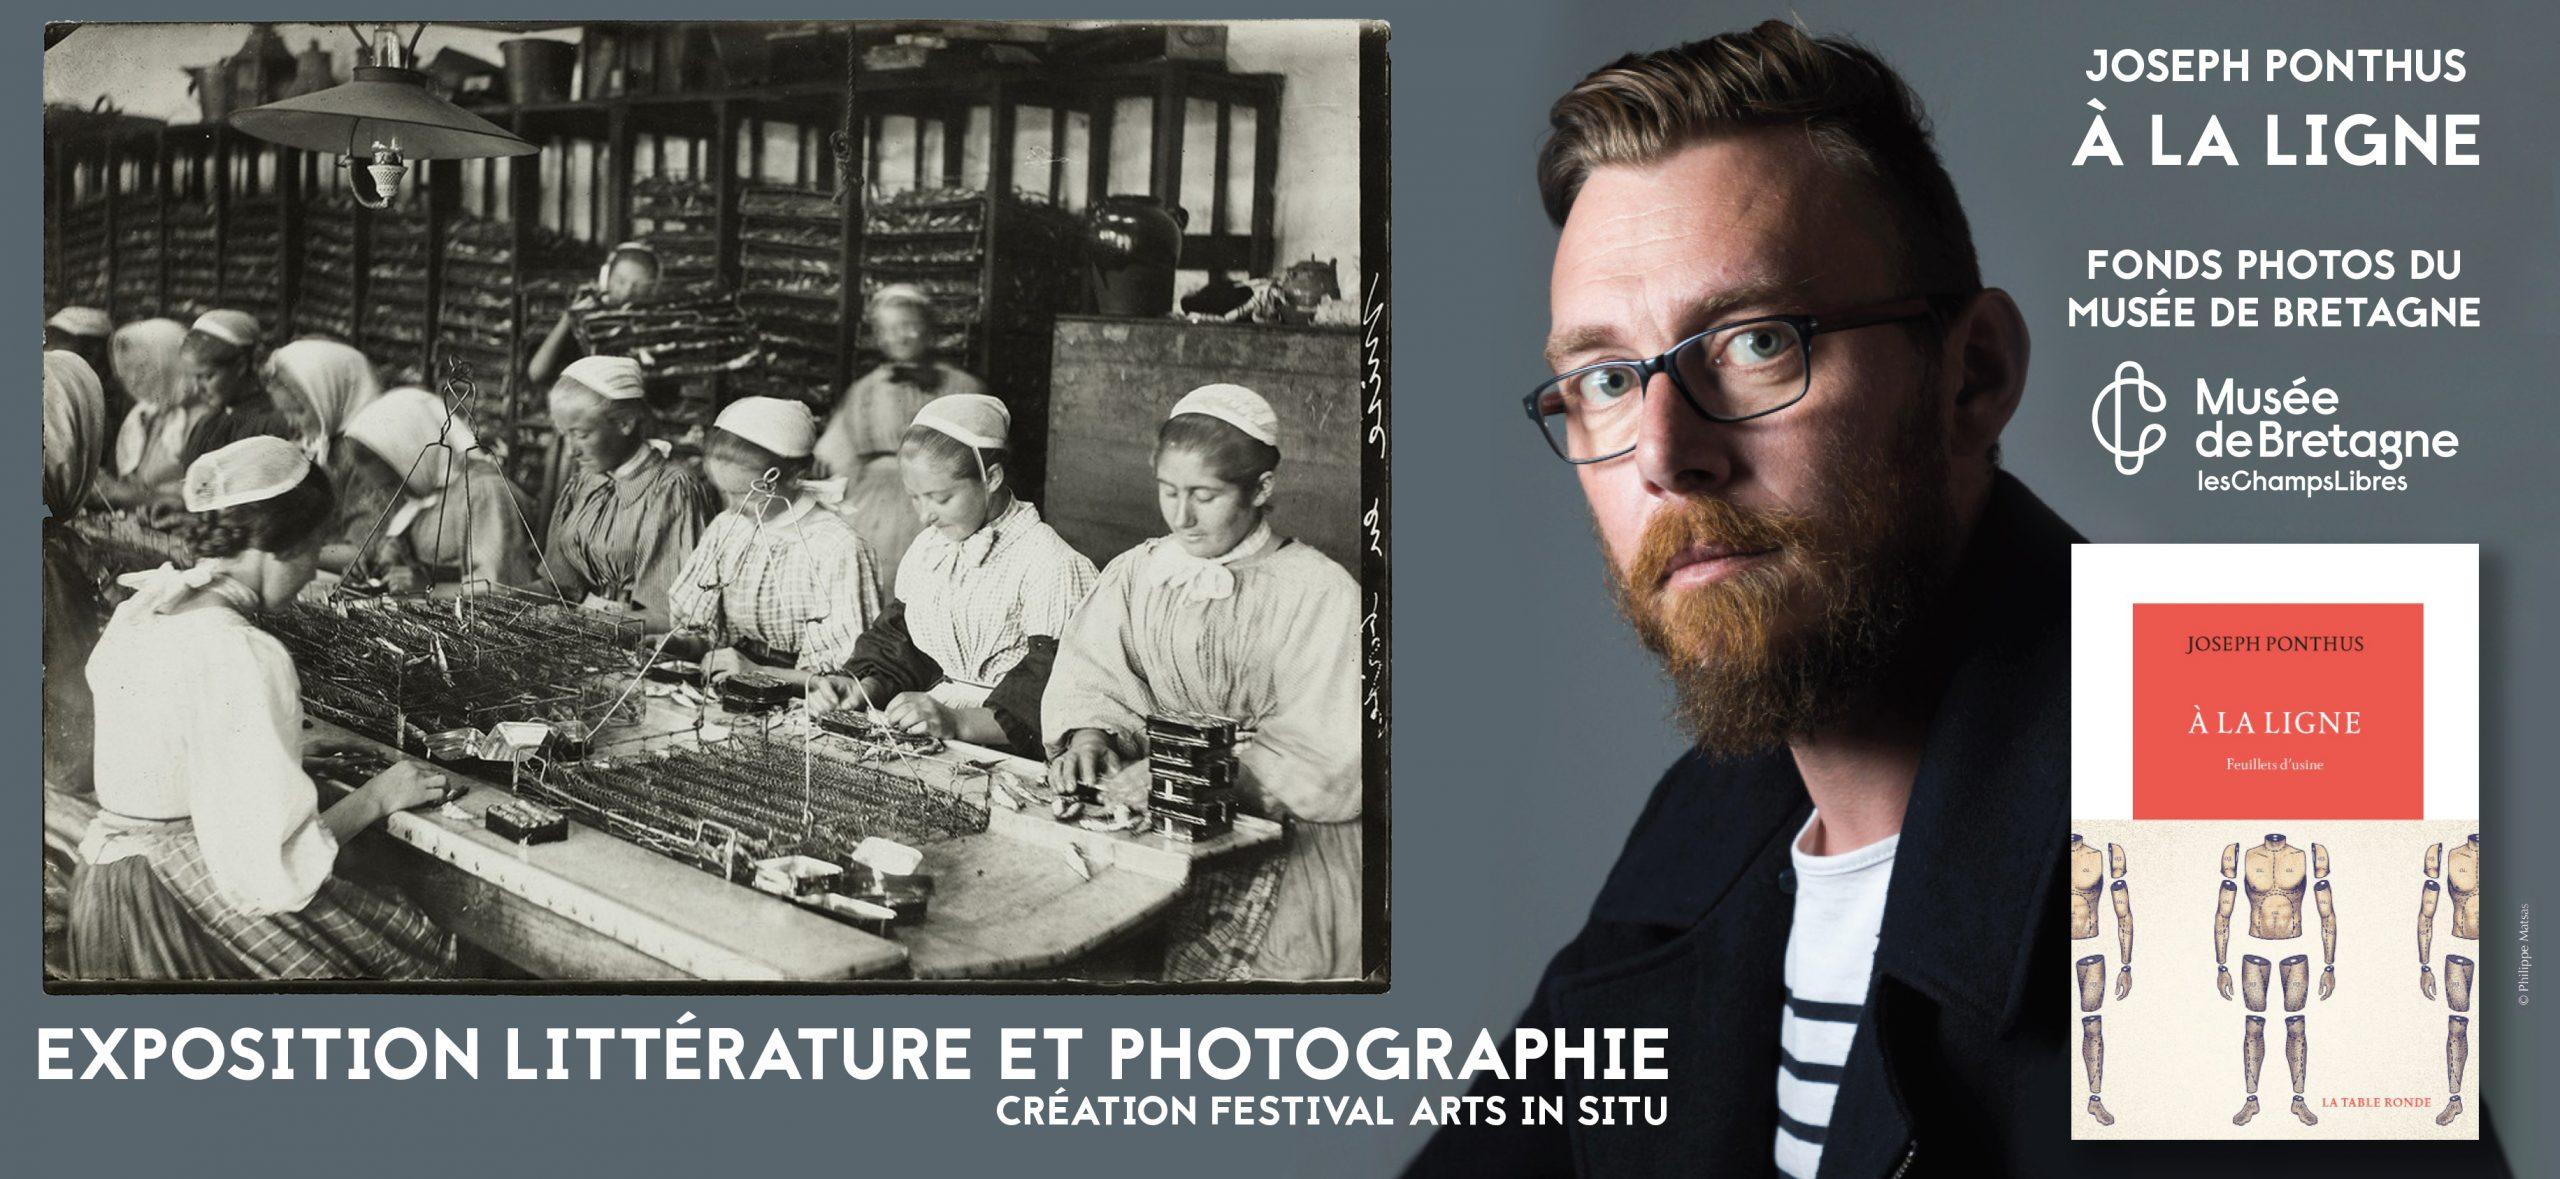 A LA LIGNE – EXPOSITION LITTERATURE ET PHOTOGRAPHIQUE